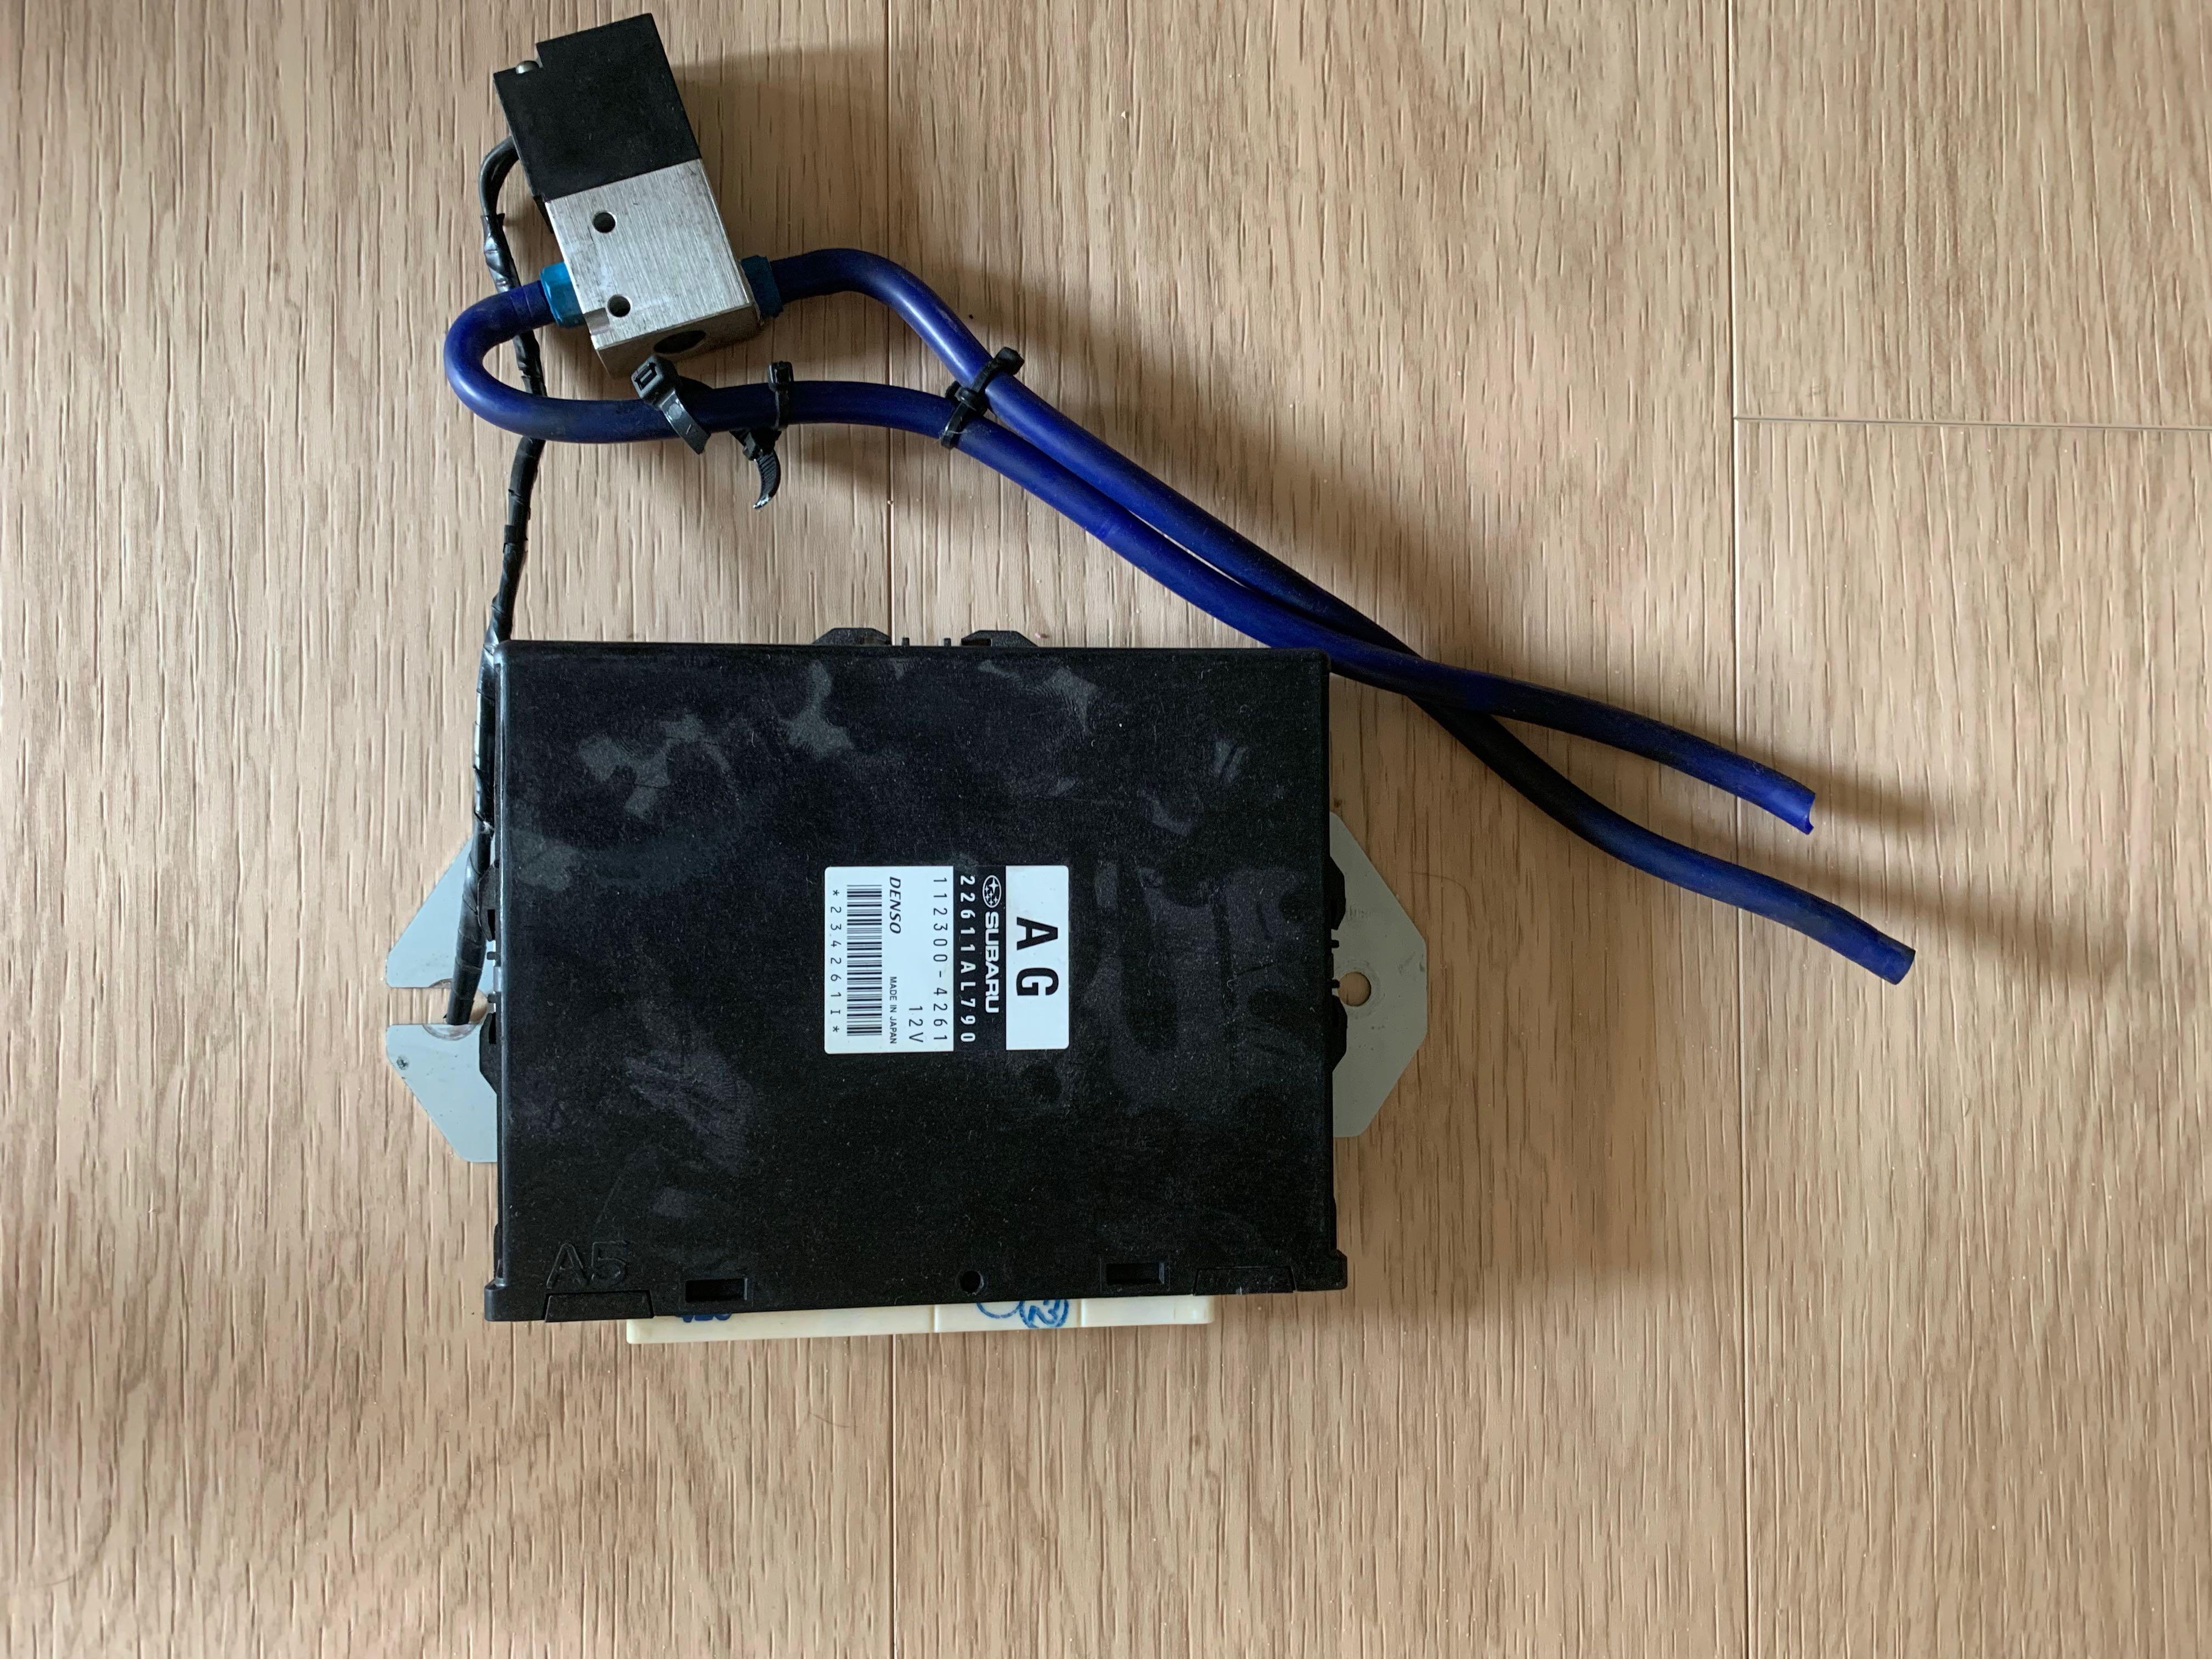 Subaru Legacy ECU + Tuning module by Edgeworks, Car